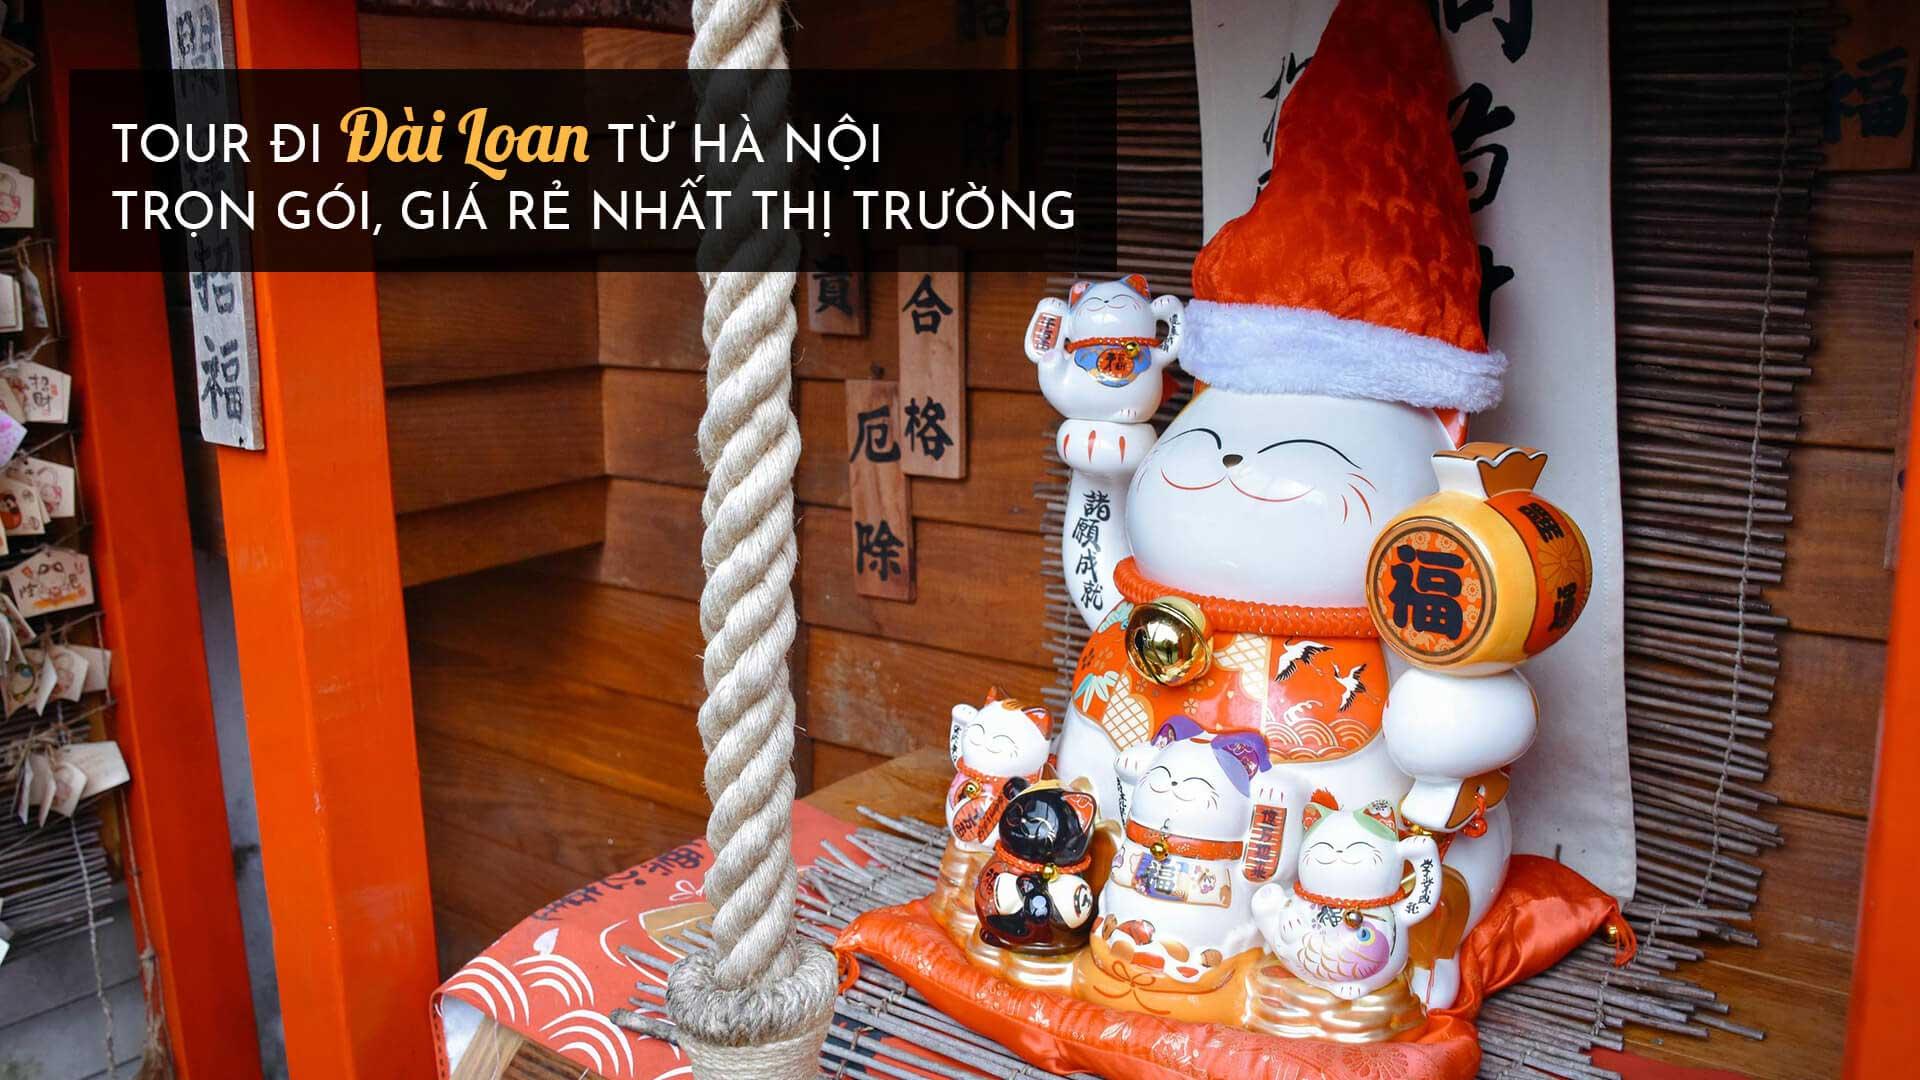 Tour đi Đài Loan từ Hà Nội trọn gói, giá rẻ nhất thị trường